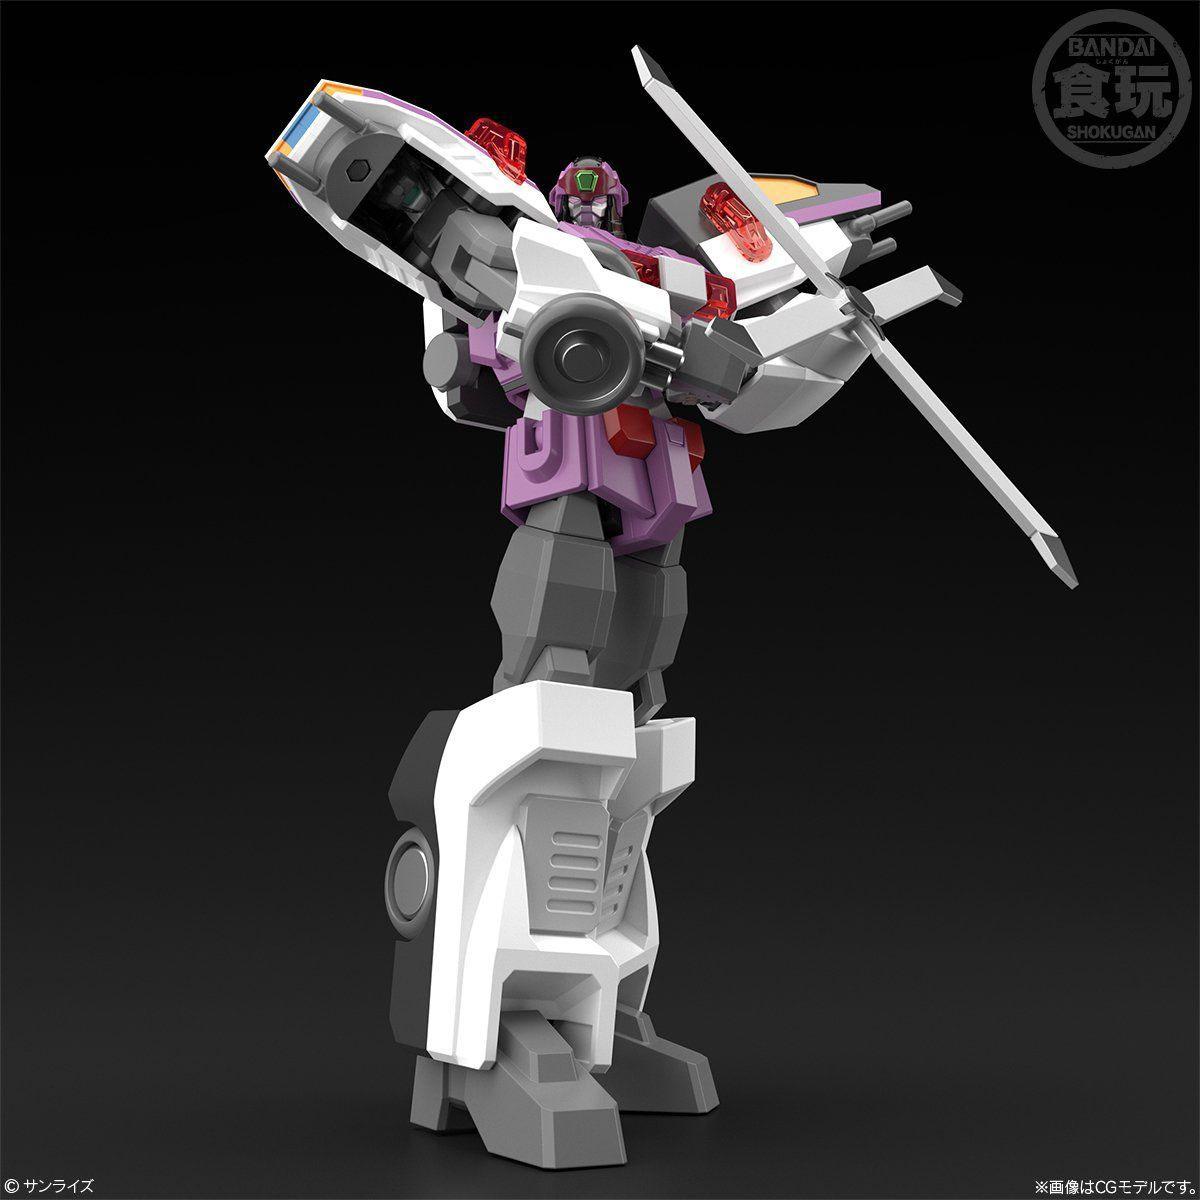 【食玩】スーパーミニプラ『ビッグボルフォッグ』勇者王ガオガイガー プラモデル-002